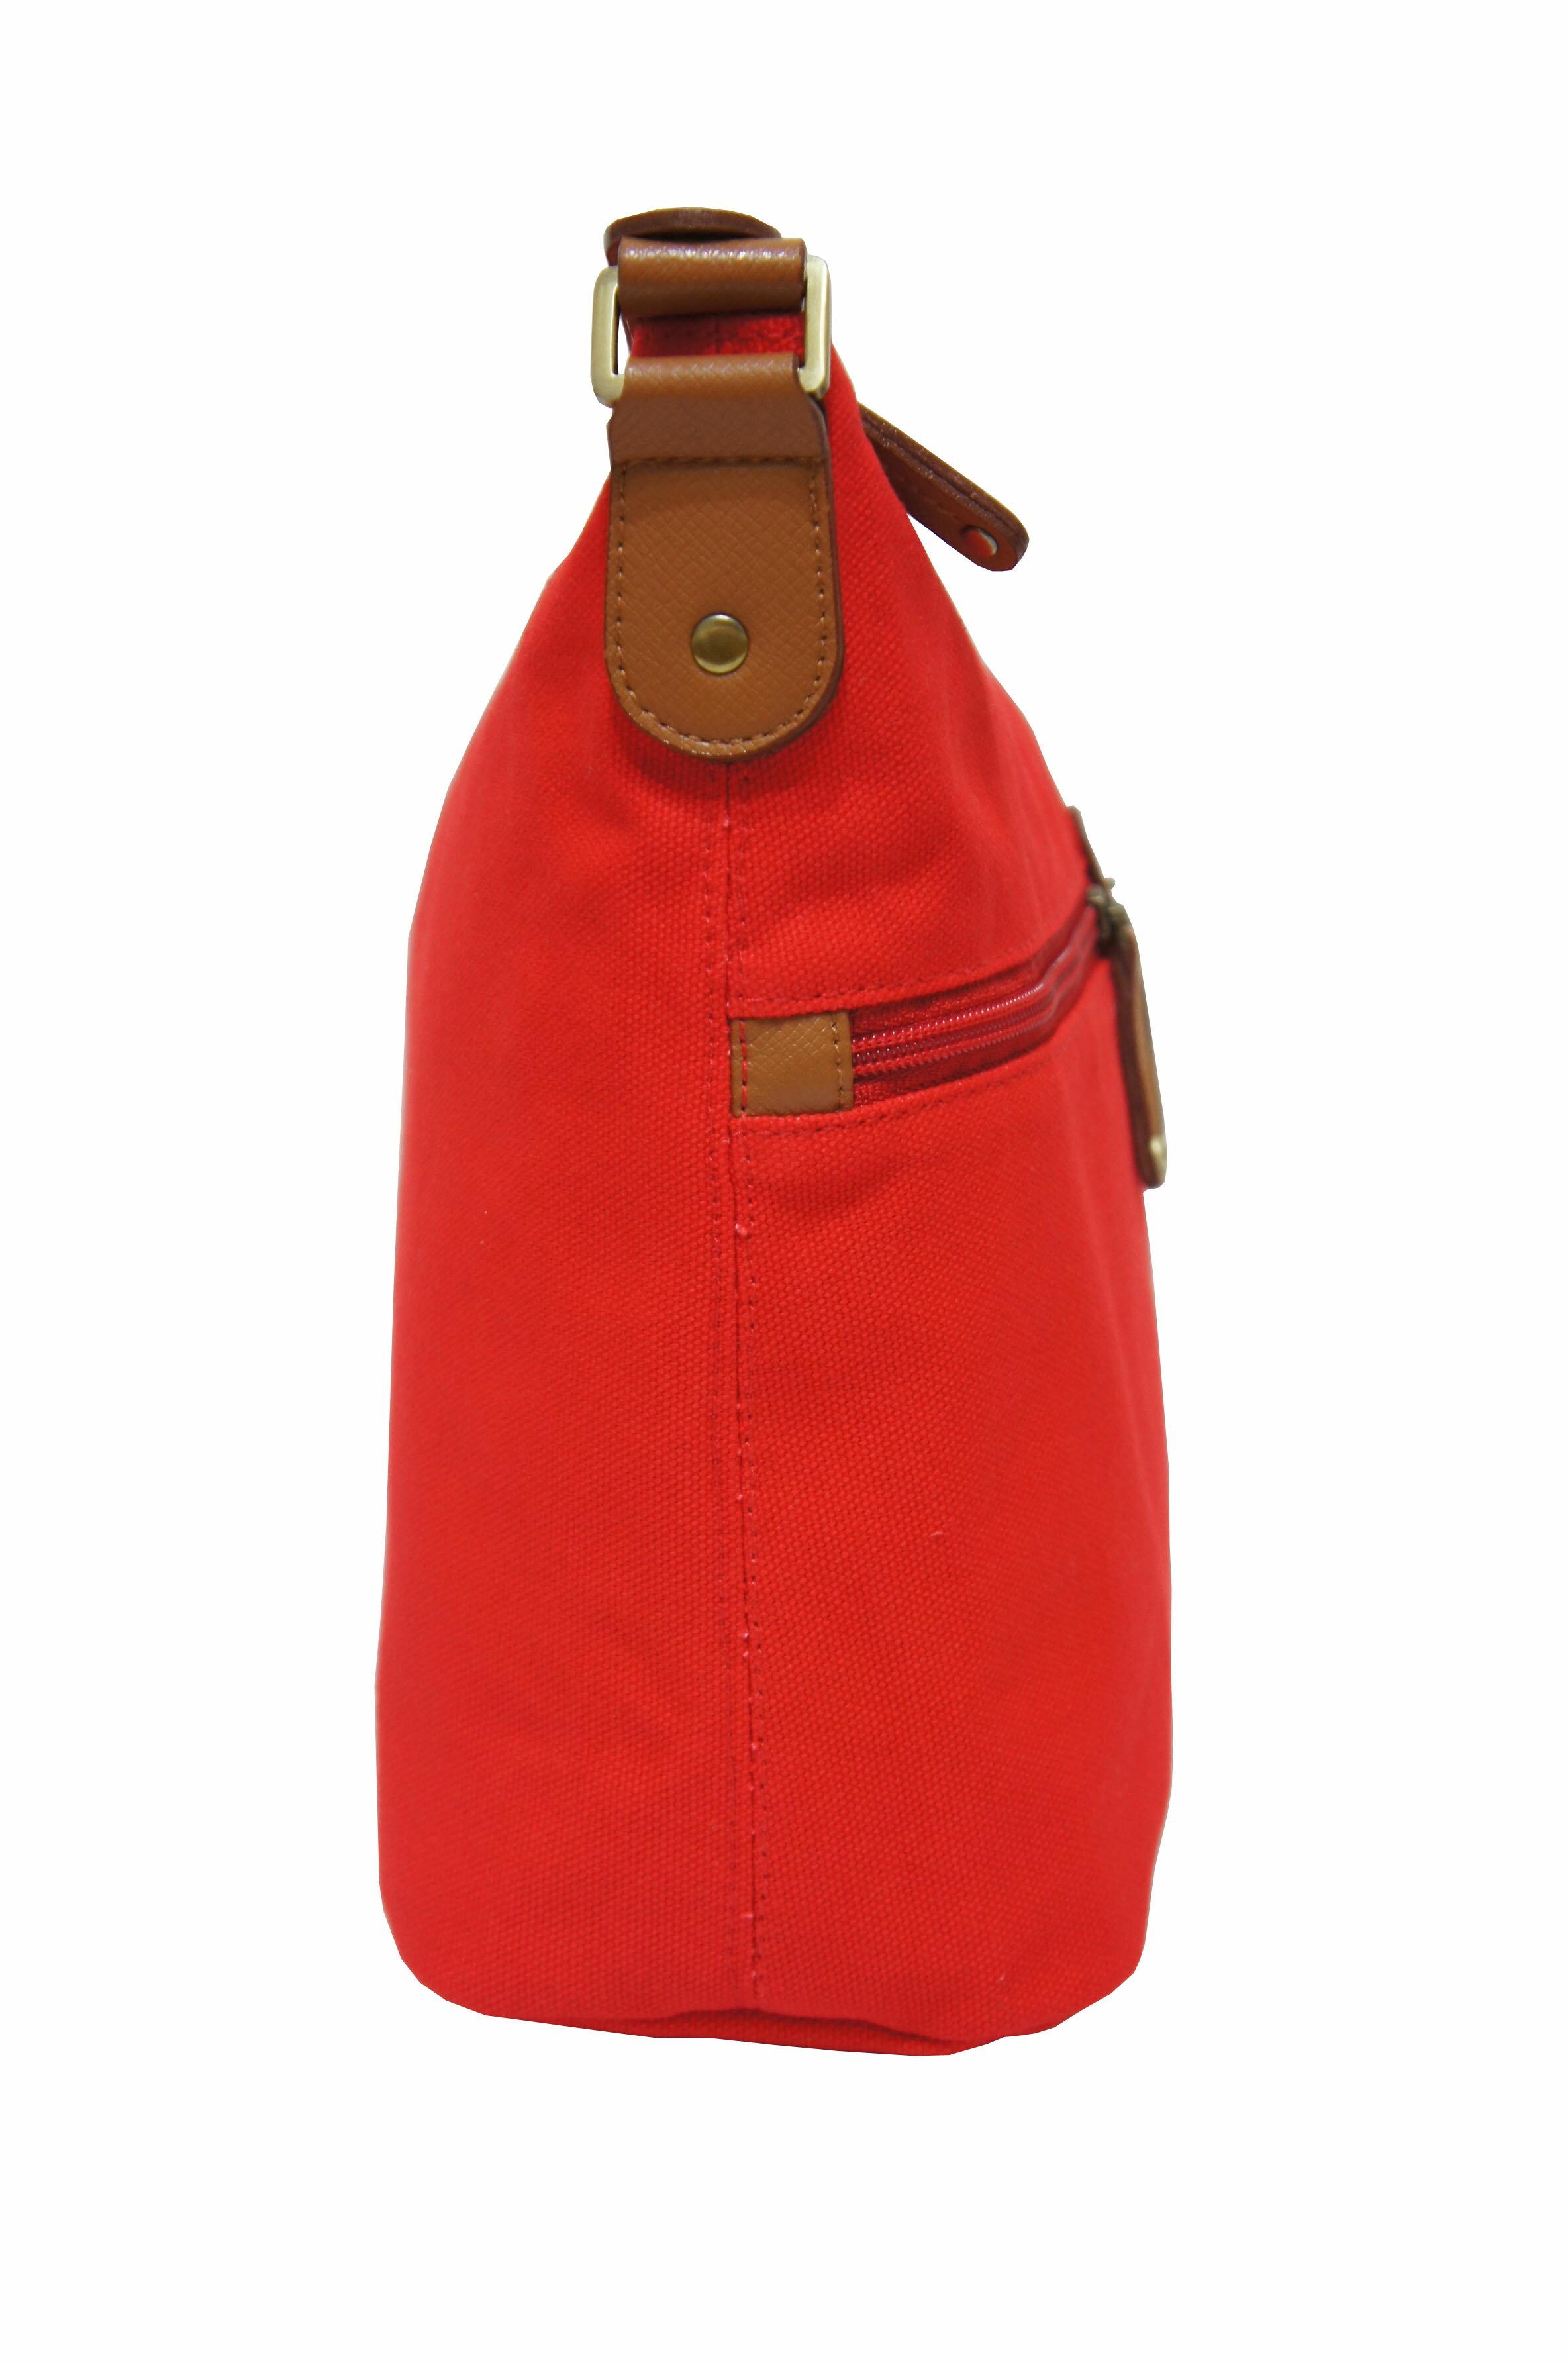 CP024帆布手提肩背包共2色 紅/馬卡龍綠 1